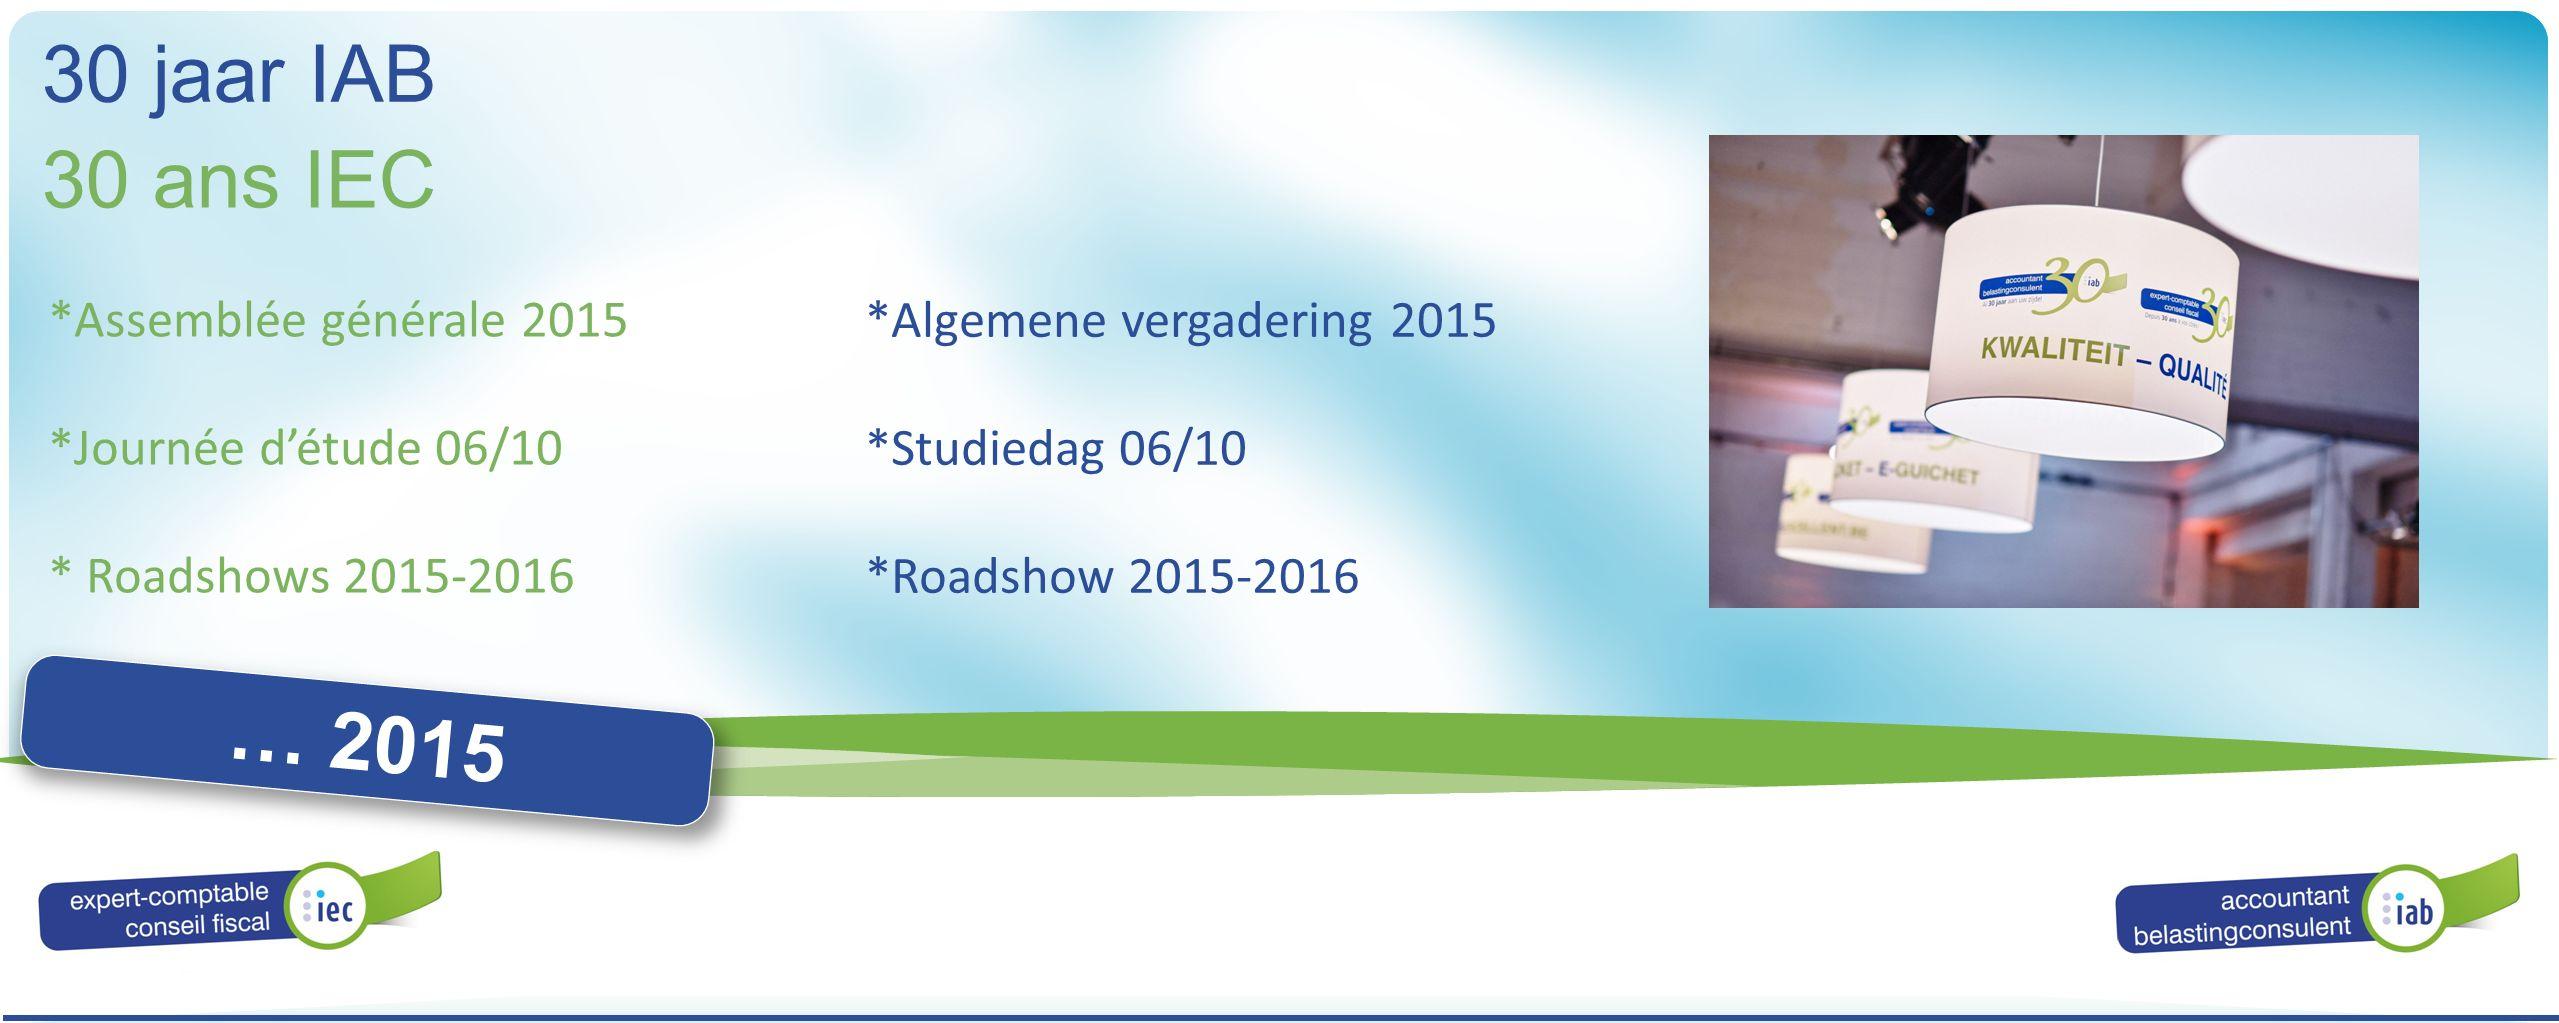 ALGEMENE VERGADERING ASSEMBLÉE GÉNÉRALE 2016 30 ans IEC 30 jaar IAB … 2015 *Assemblée générale 2015 *Journée d'étude 06/10 * Roadshows 2015-2016 *Alge